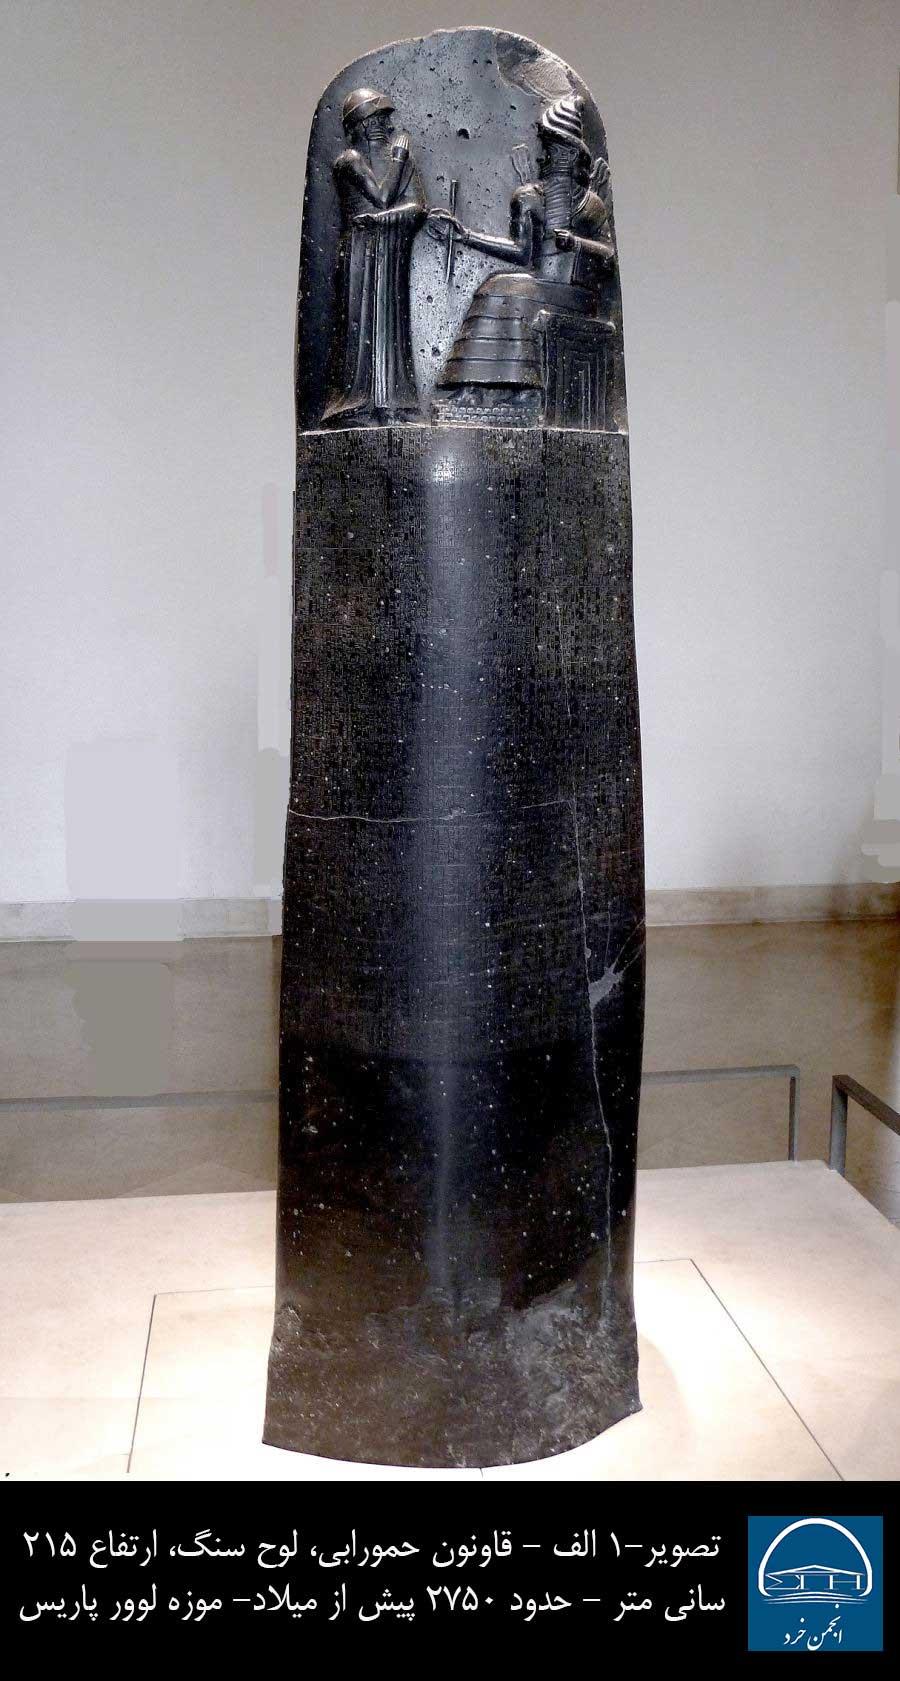 تصویر 1 - الف -قانون نامه حمورابی، لوح سنگی، 215 سانتیمتر، 2750 پیش از میلاد، موزه لوور پاریس